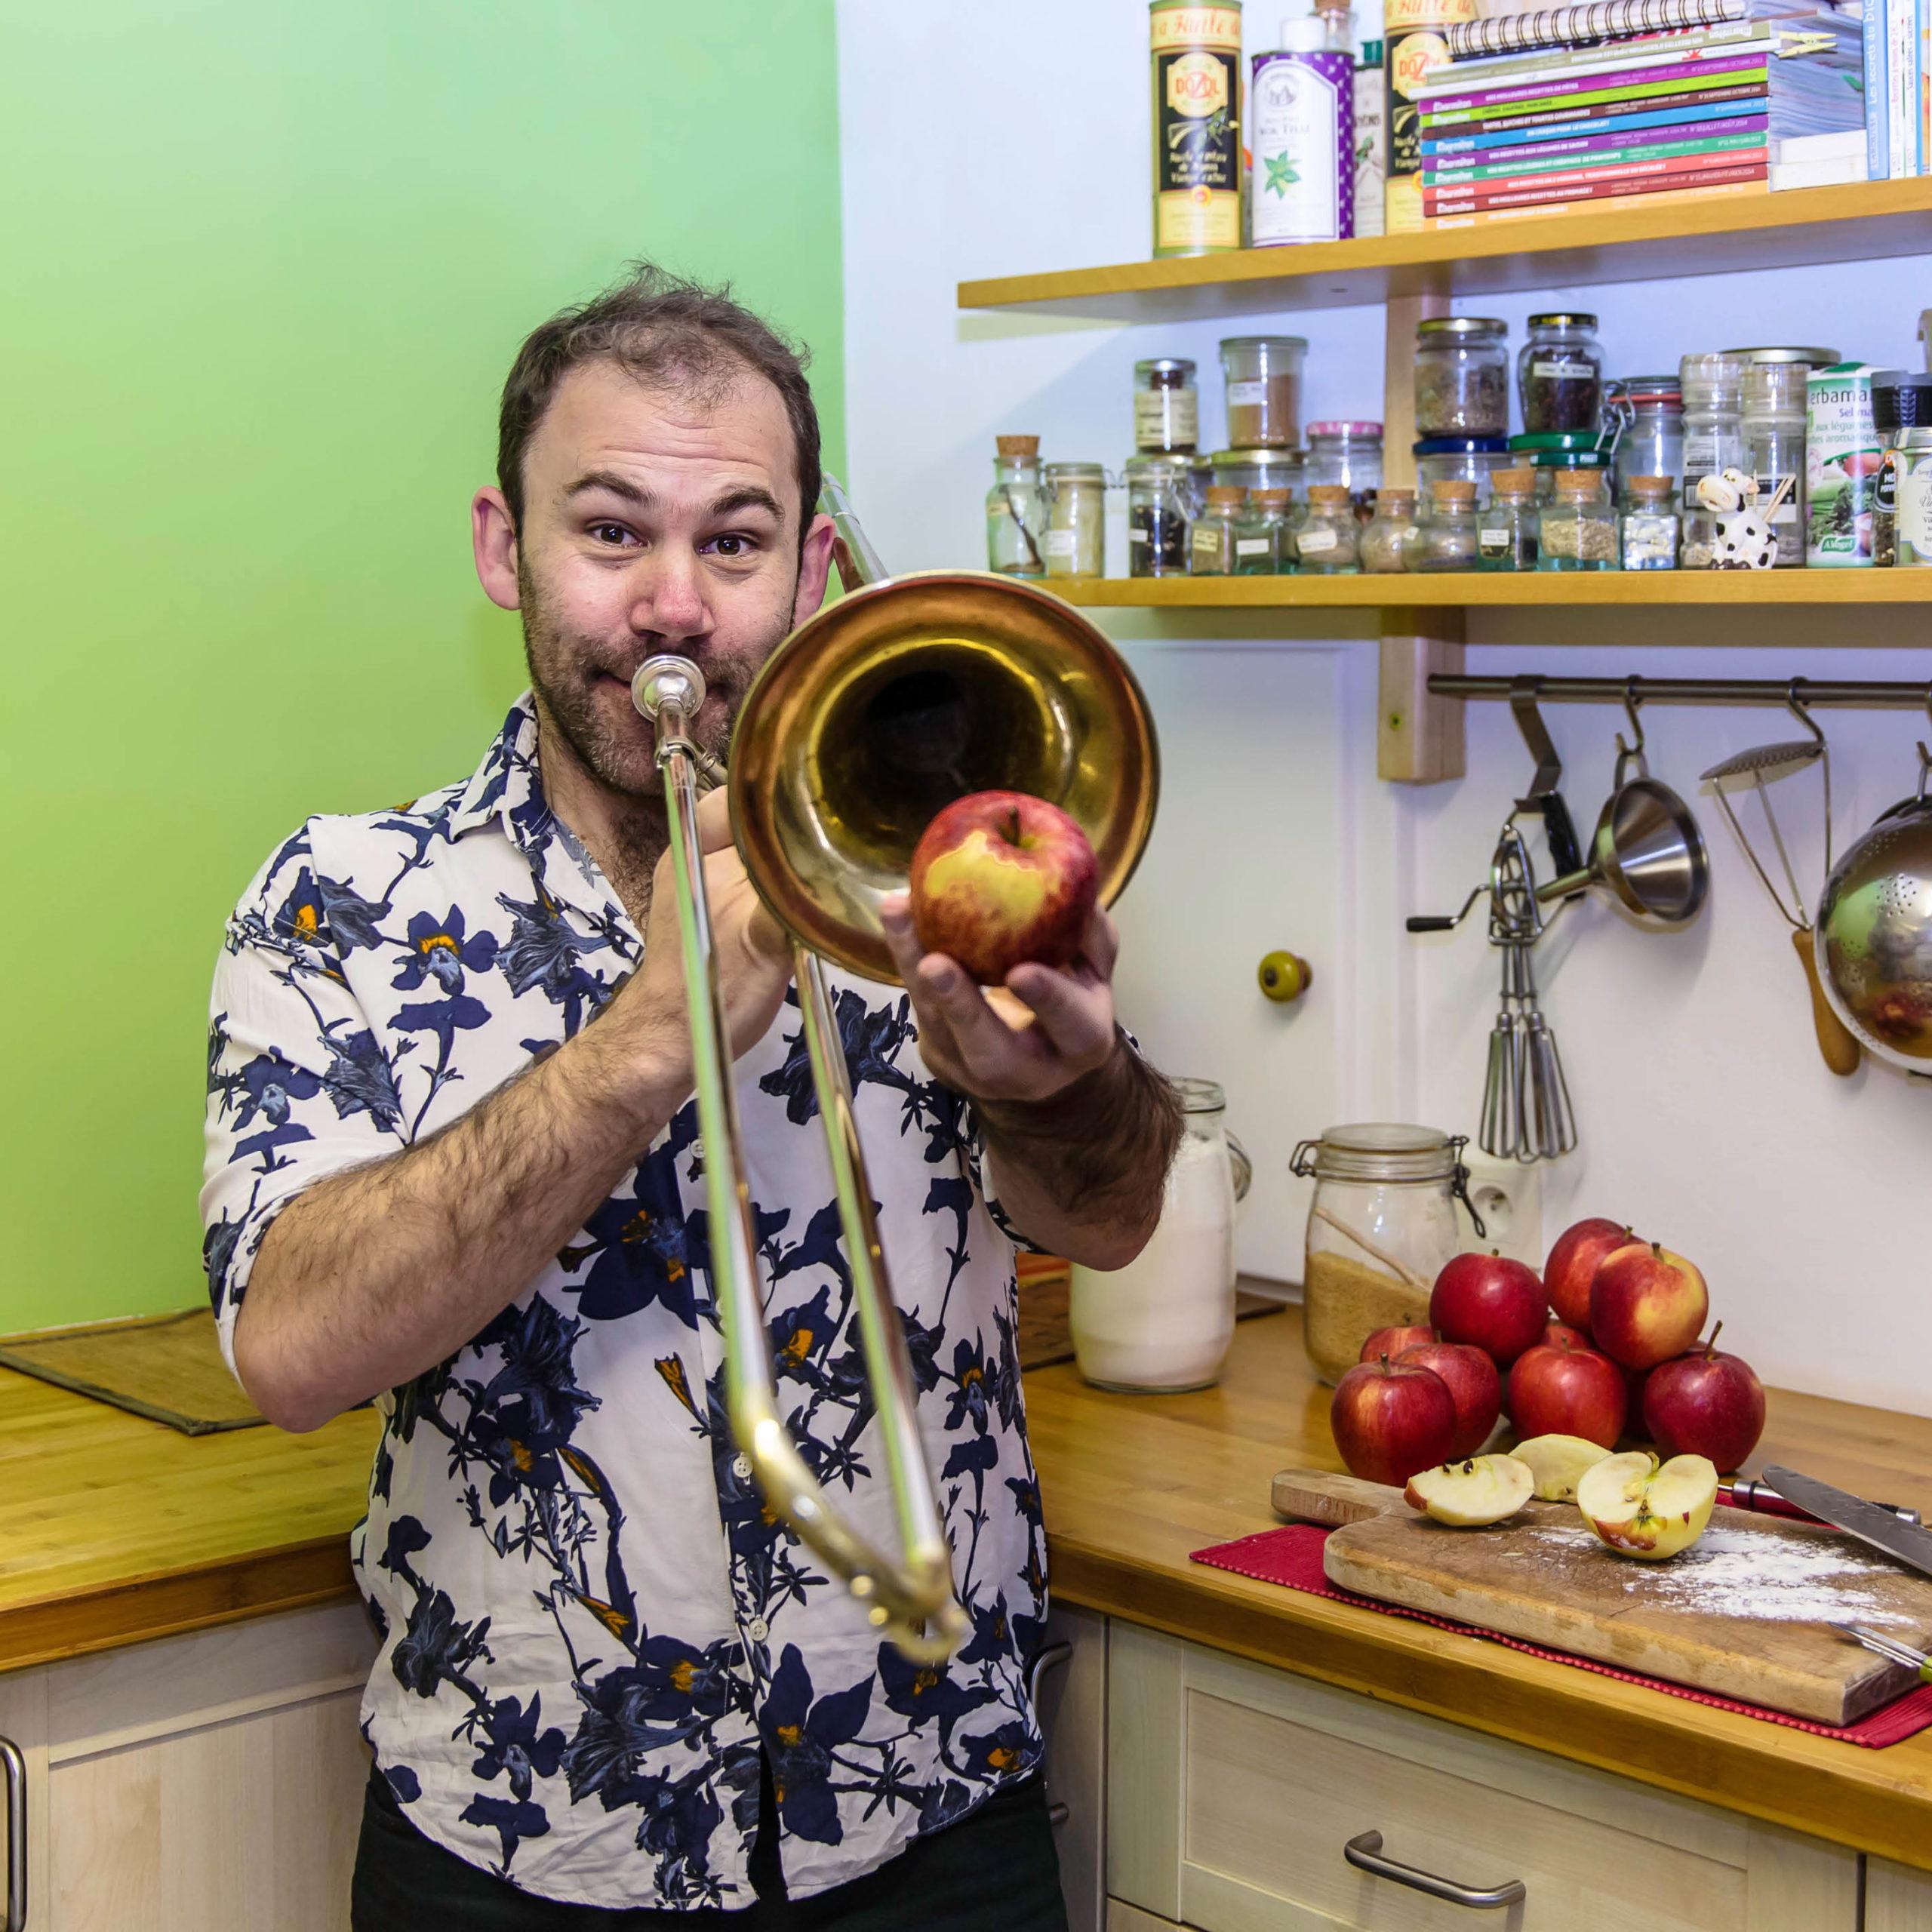 La Manzana - Fidel Fourneyron - Brass band 100% normand